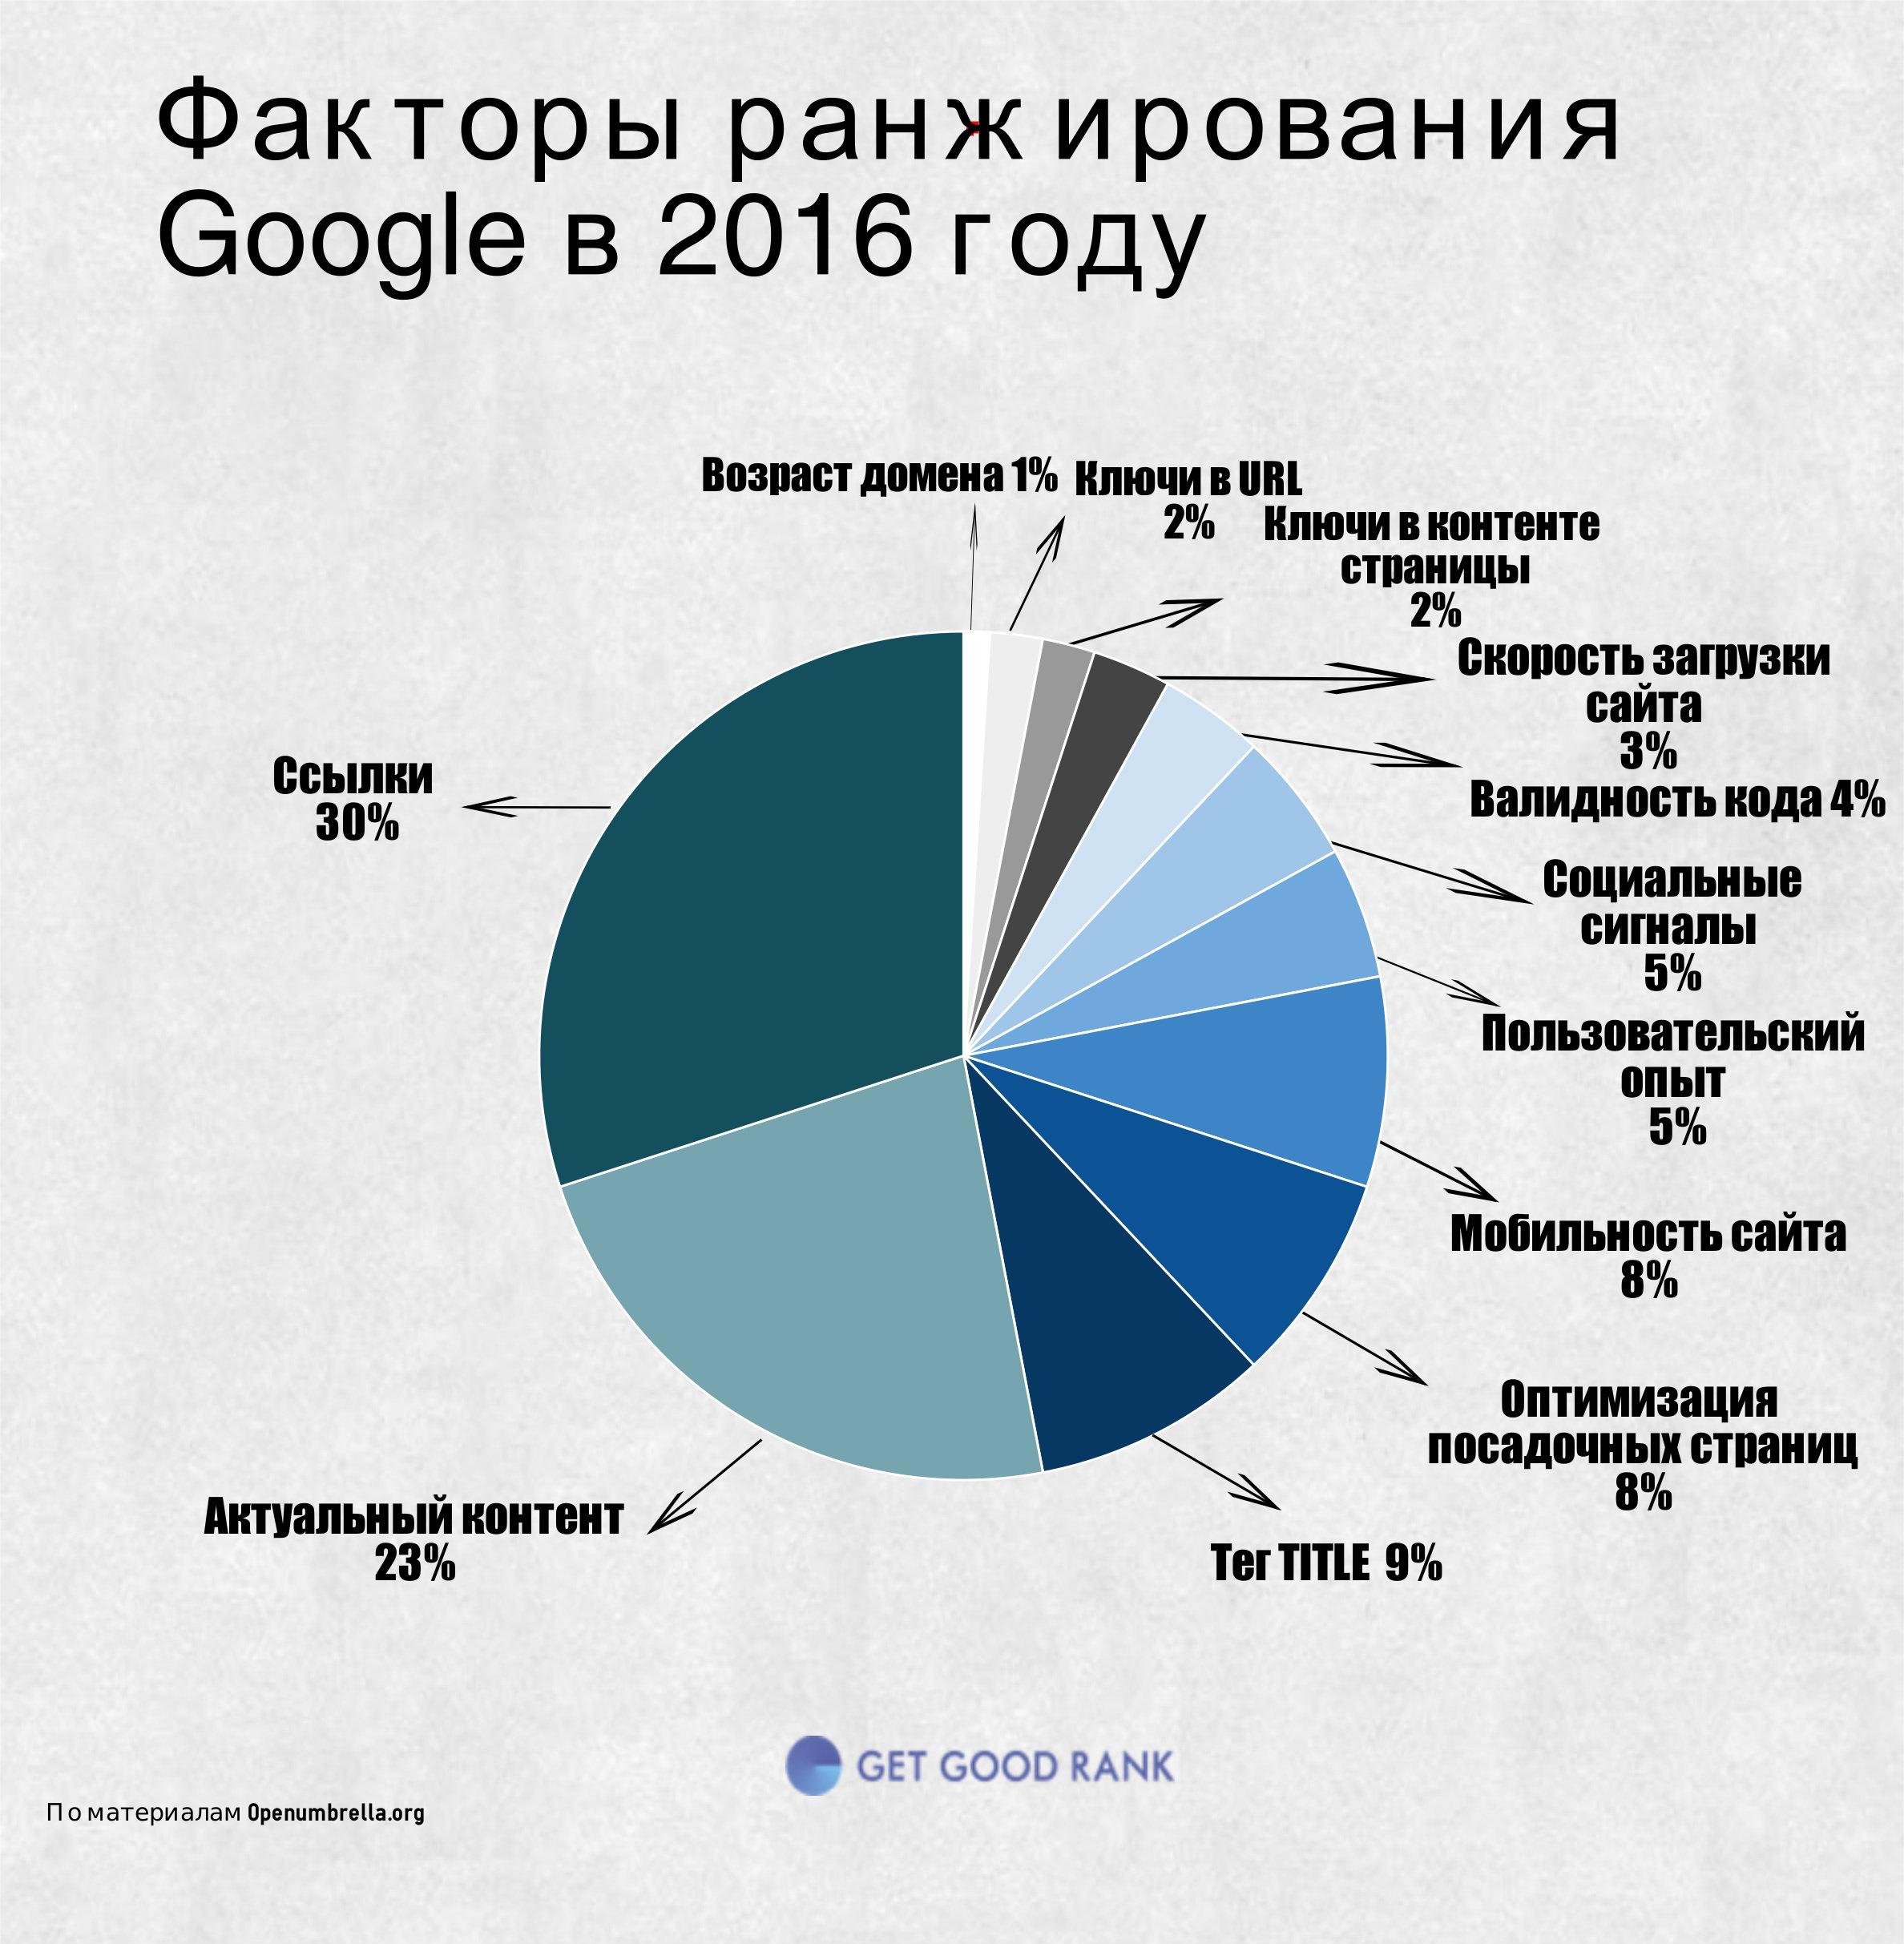 Факторы ранжирования Google 2016